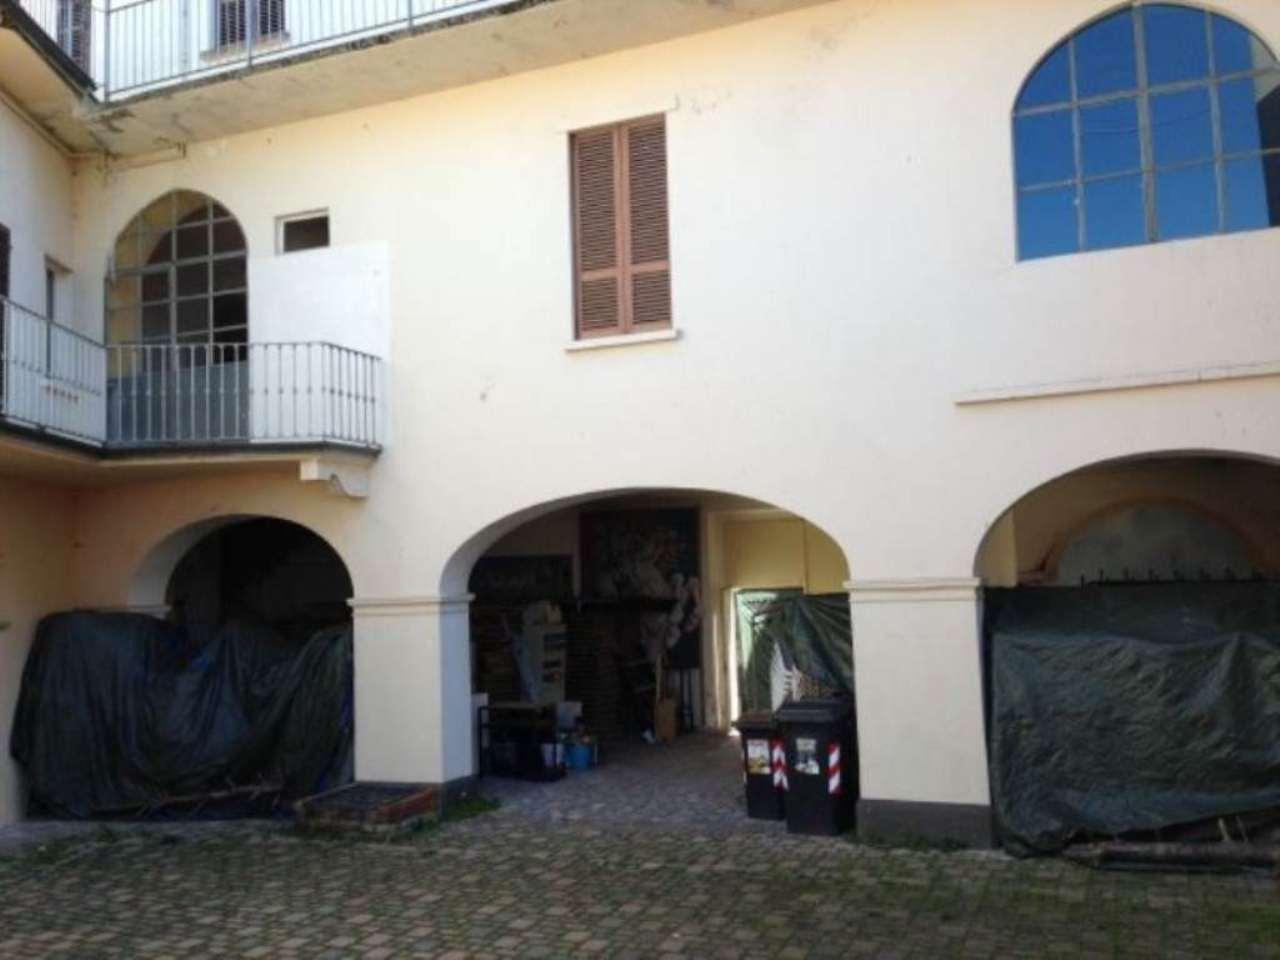 Immobile Commerciale in vendita a Vignale Monferrato, 6 locali, prezzo € 325.000 | Cambio Casa.it